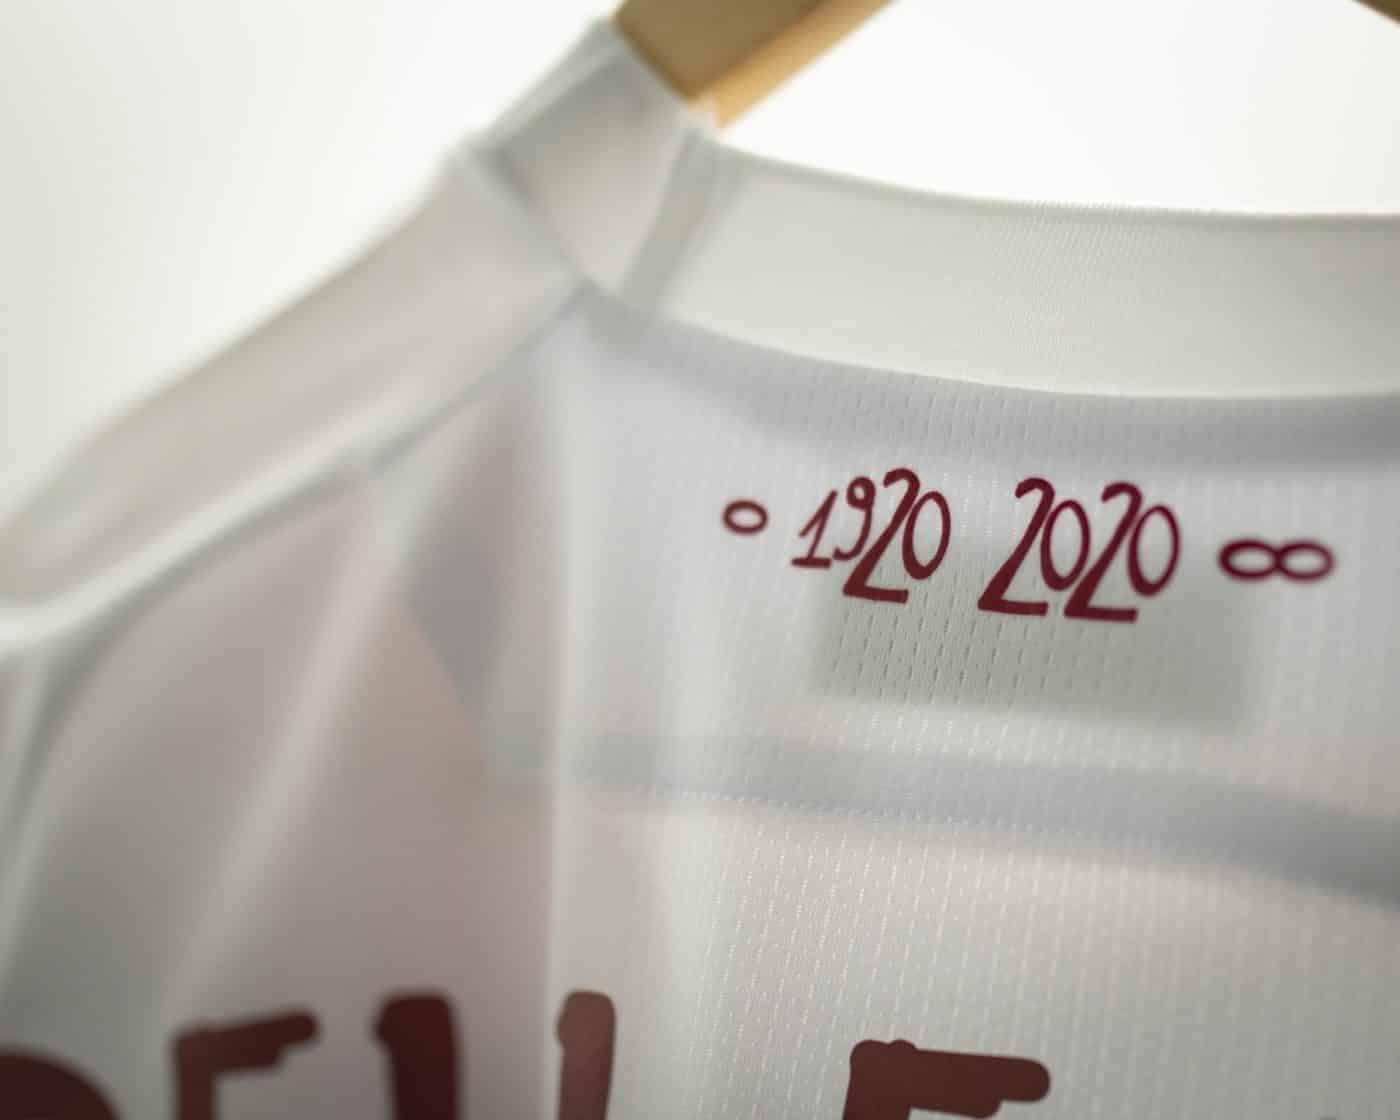 maillot-100-ans-cagliari-janvier-2020-macron-2